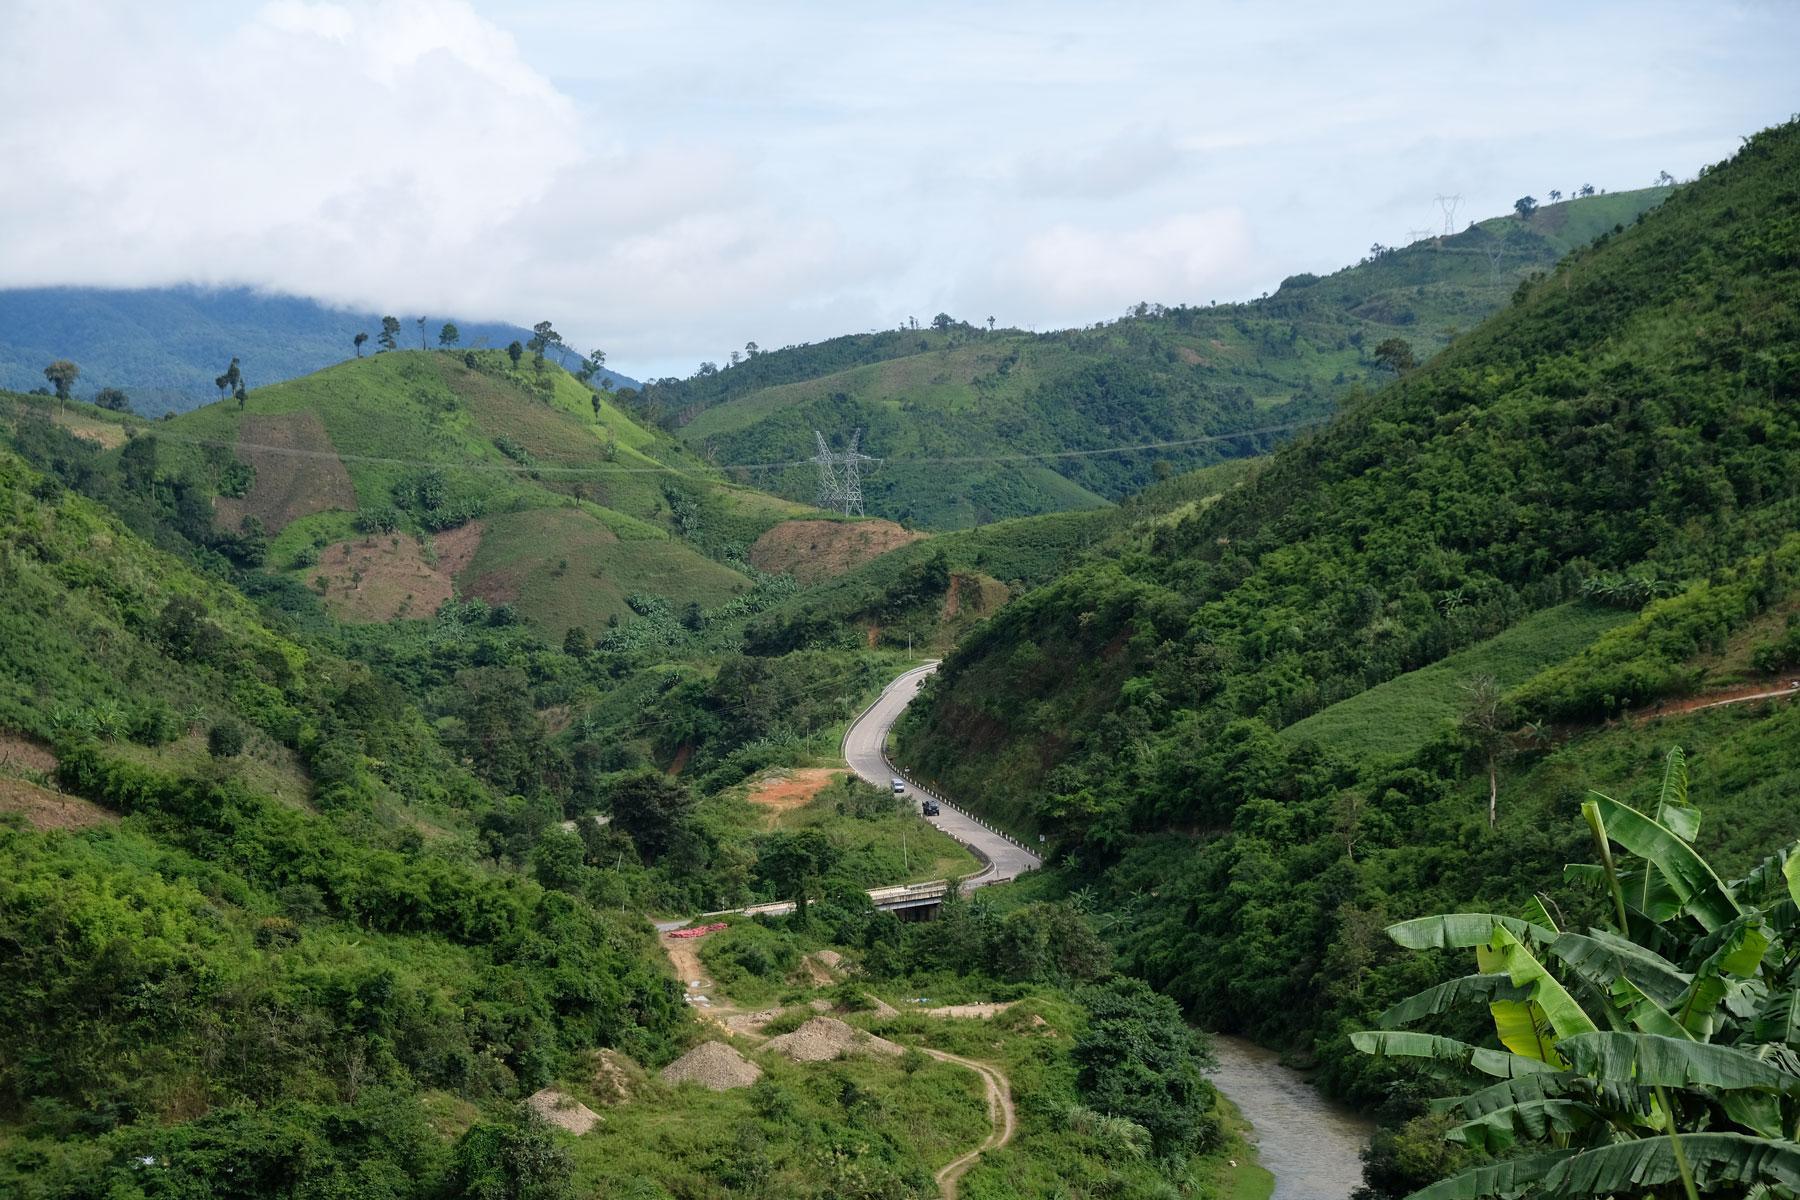 Blick zurück auf die Straße im Tal, über die wir eben noch gefahren sind.